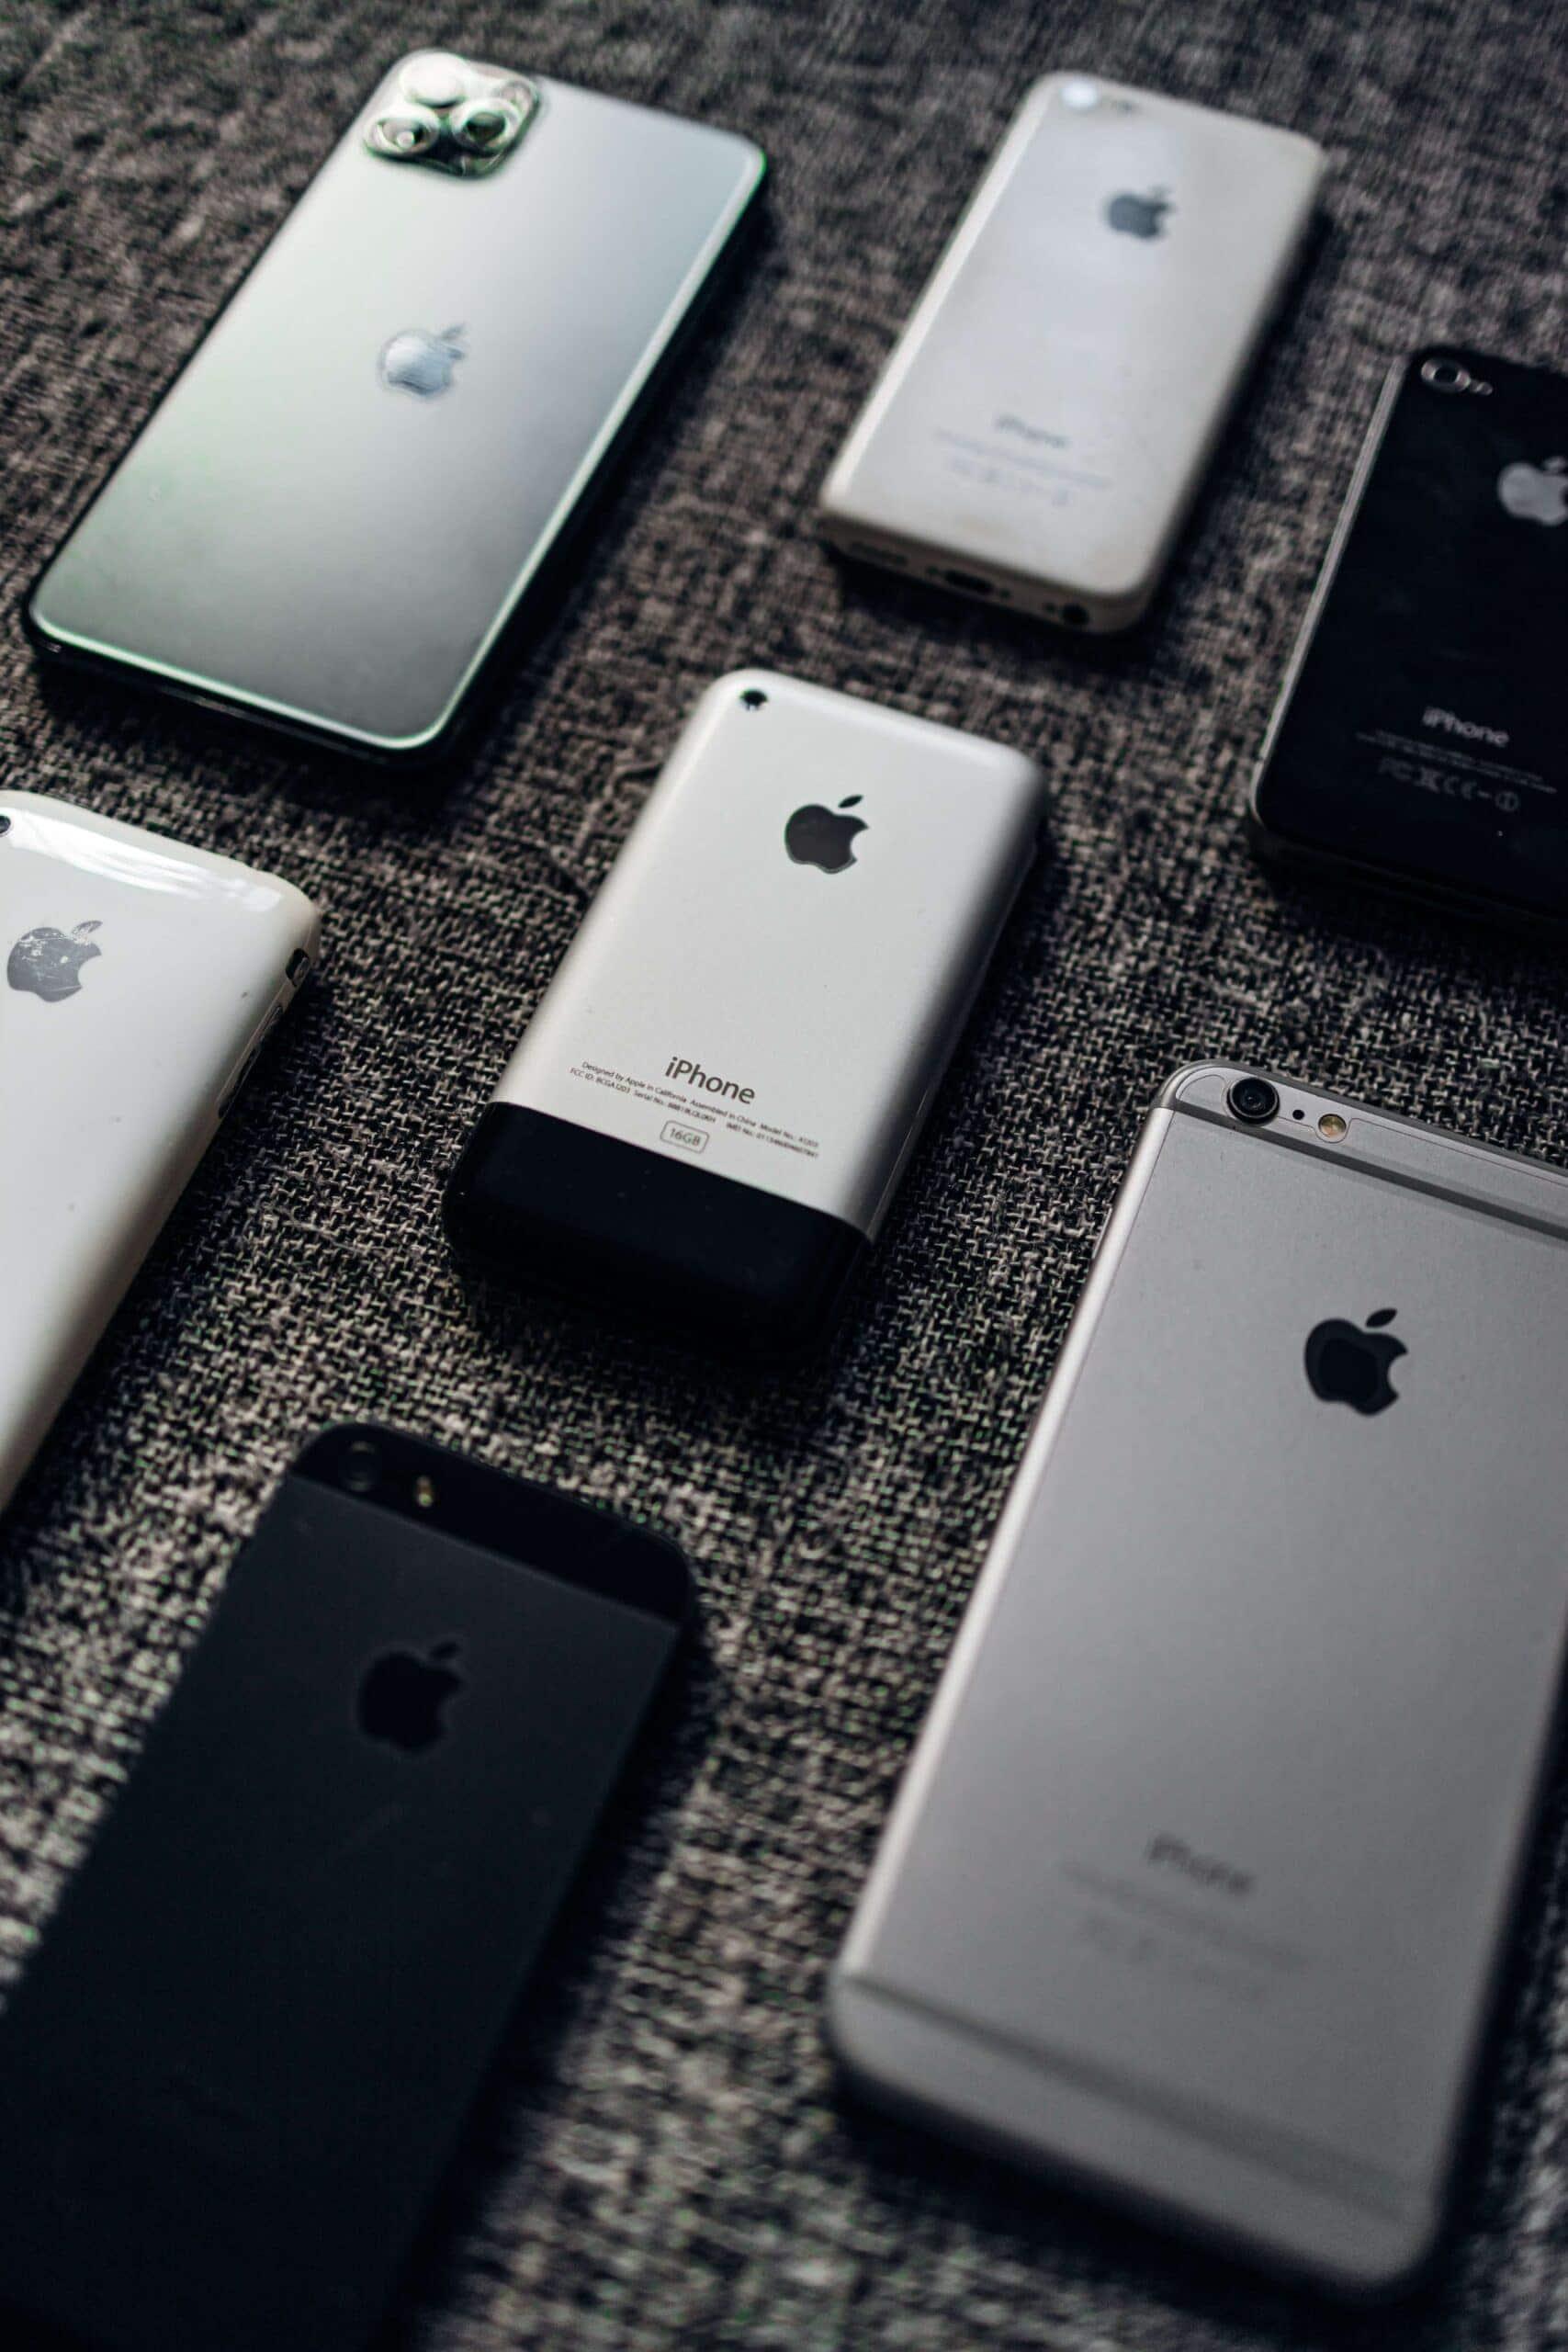 iPhone porównanie modeli